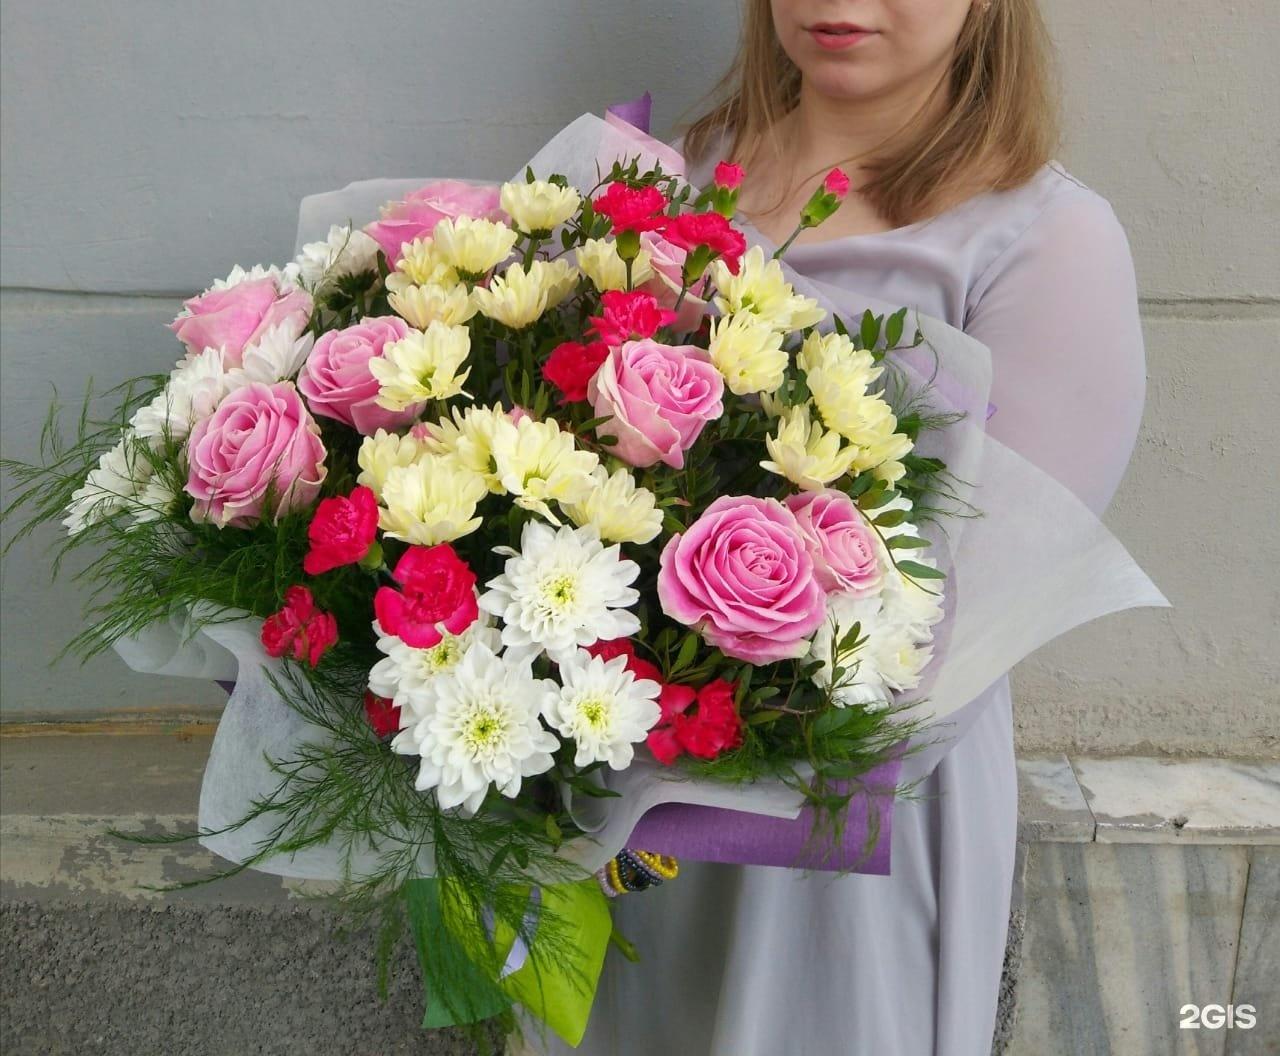 Цветы гвоздики, купить букет екатеринбург фрезеровщиков